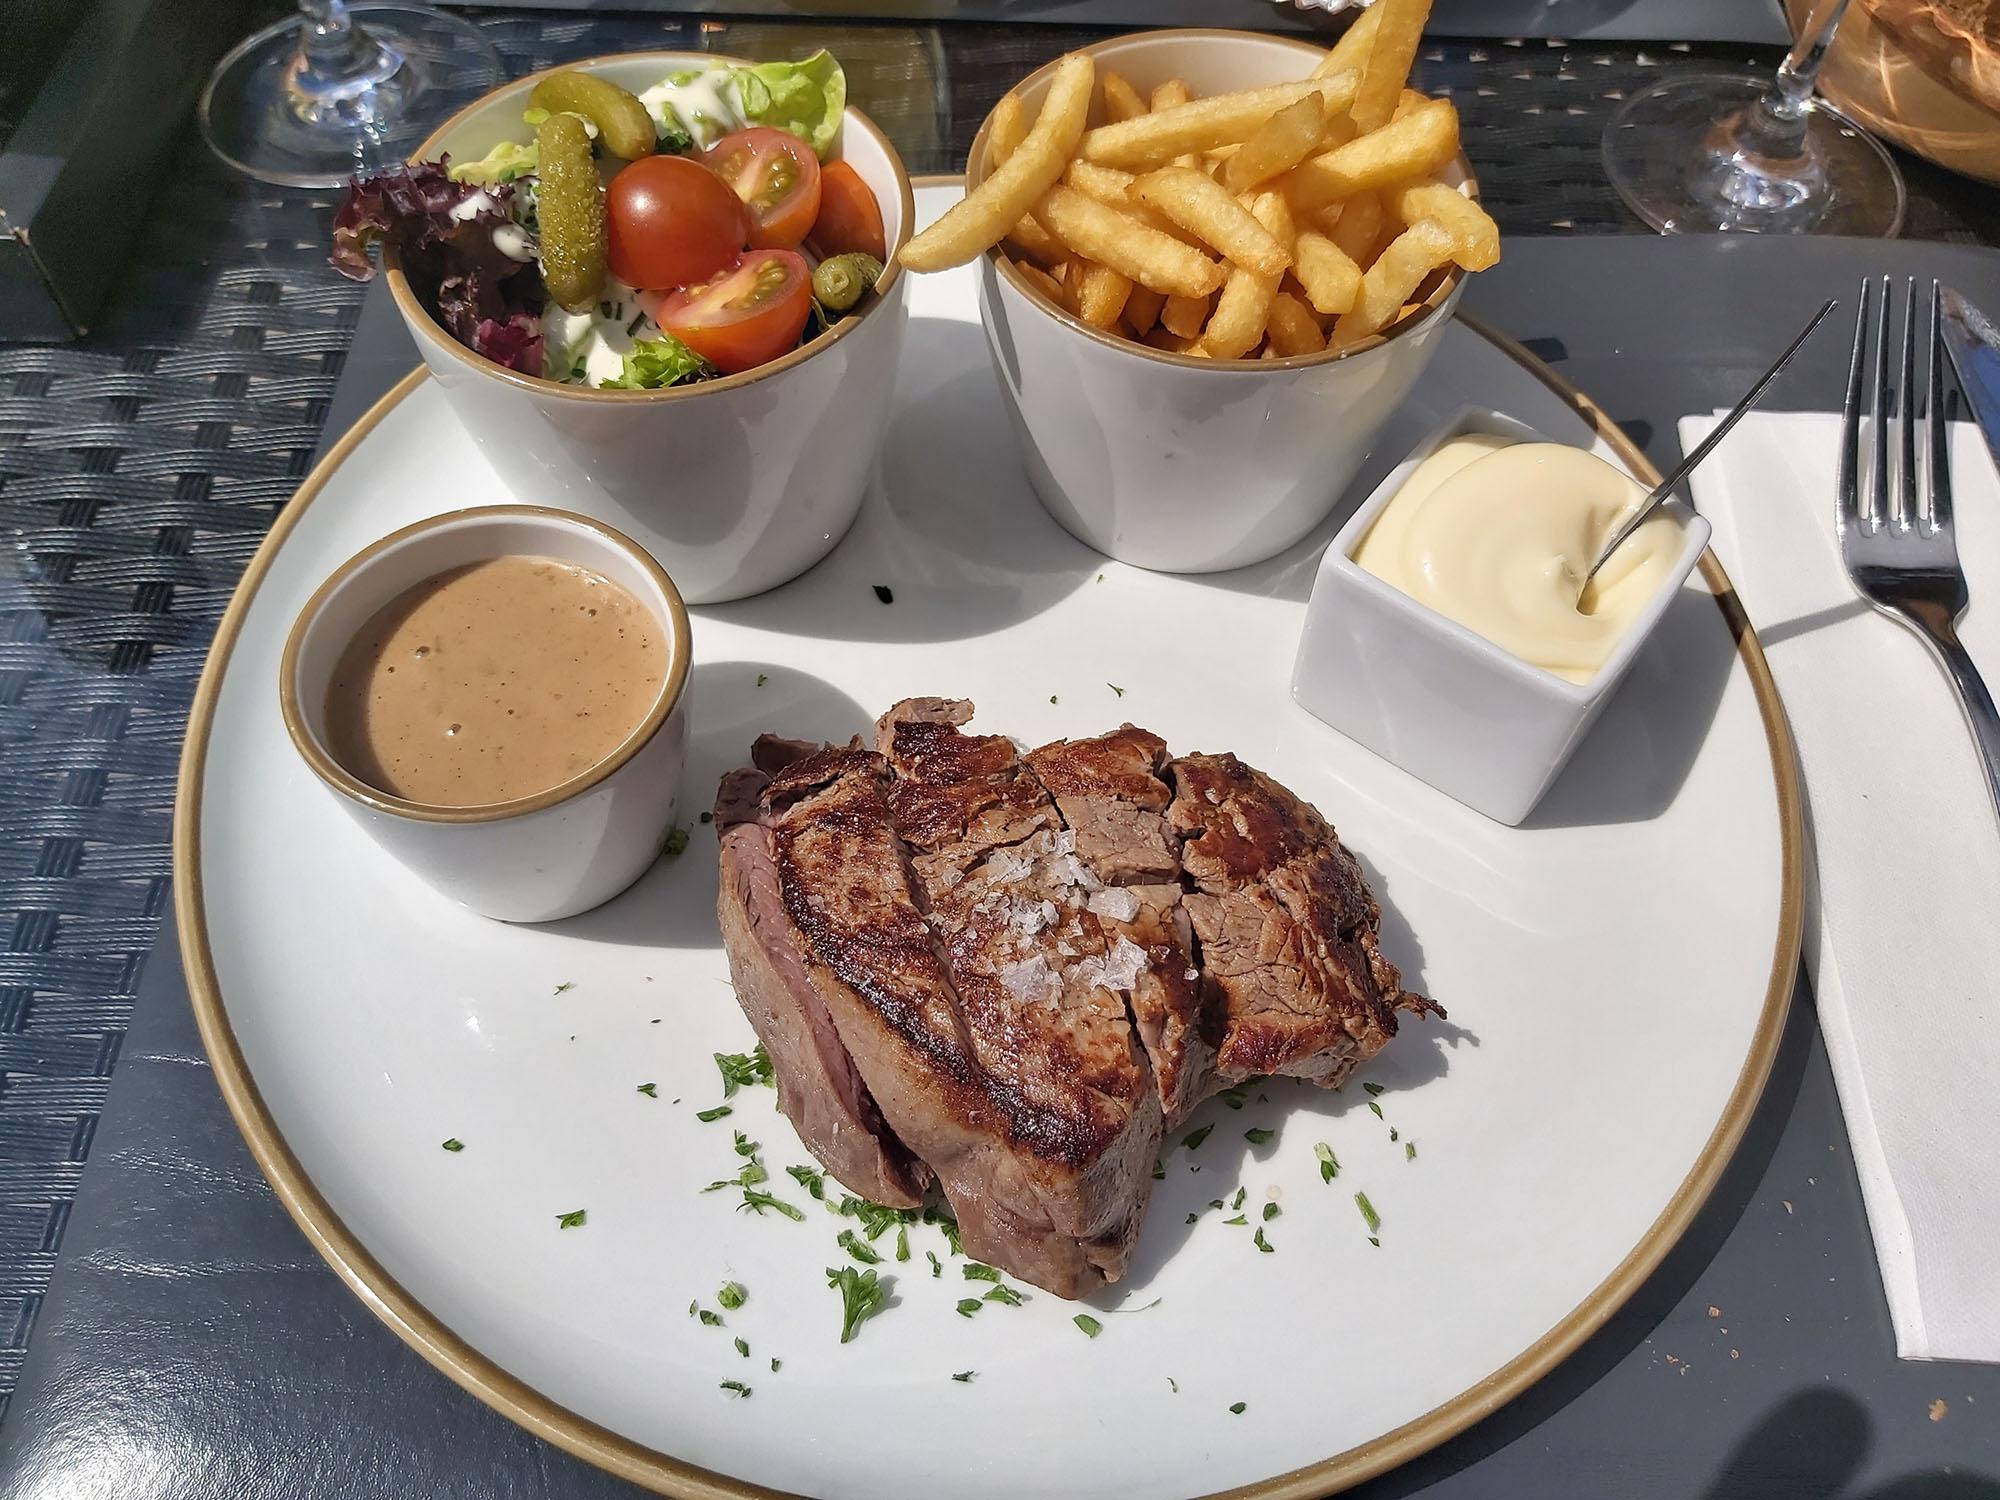 biggles wevelgem filet mignon steak